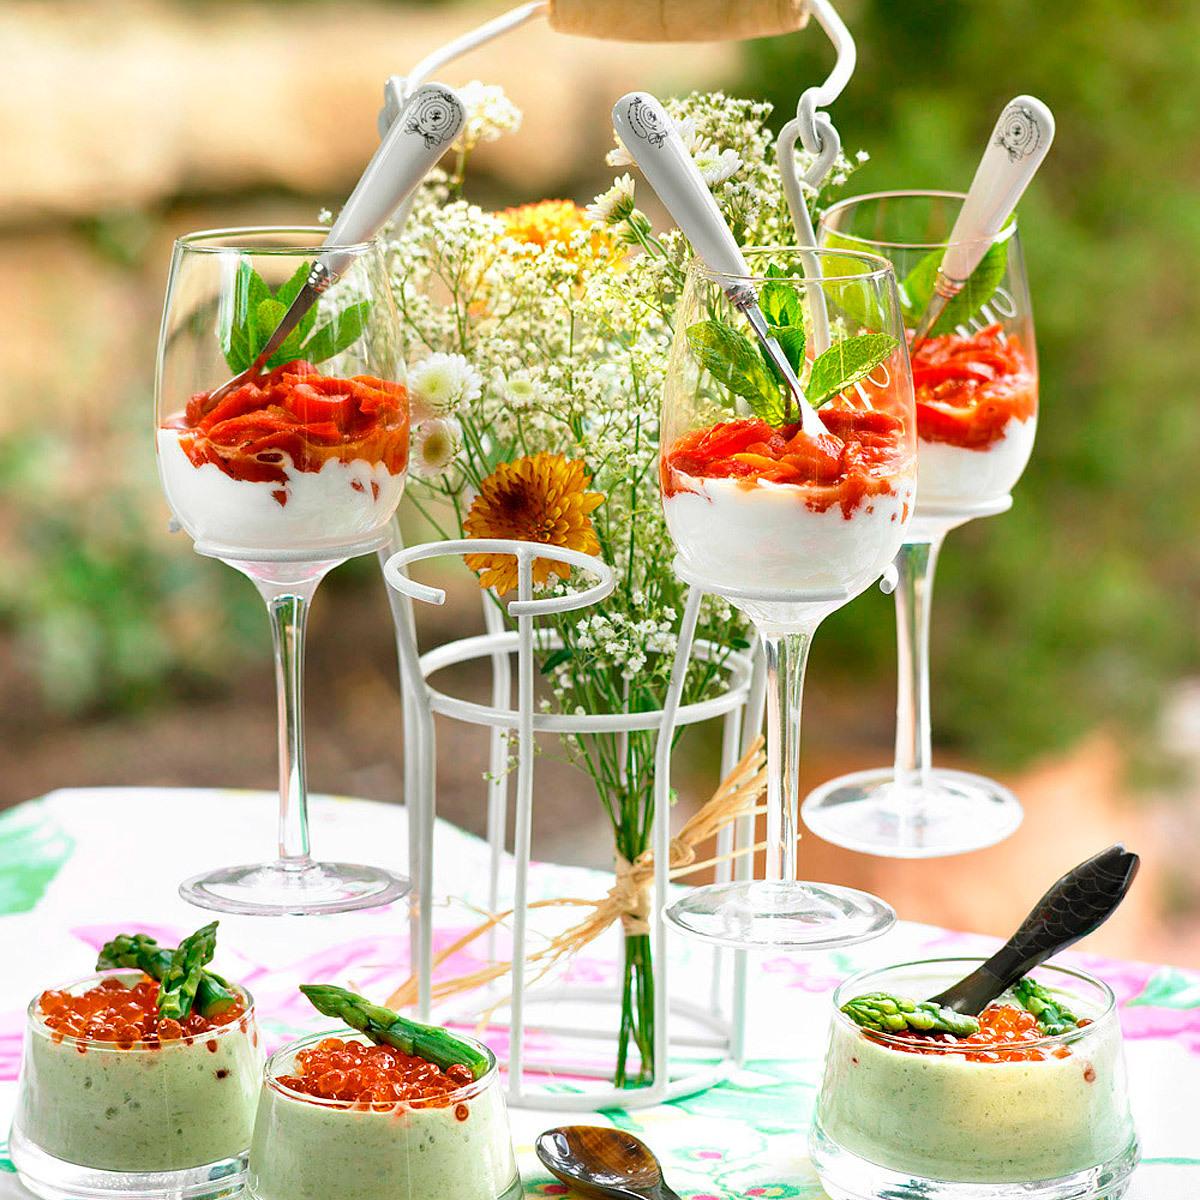 Chupitos de crema de coliflor y gorgonzola